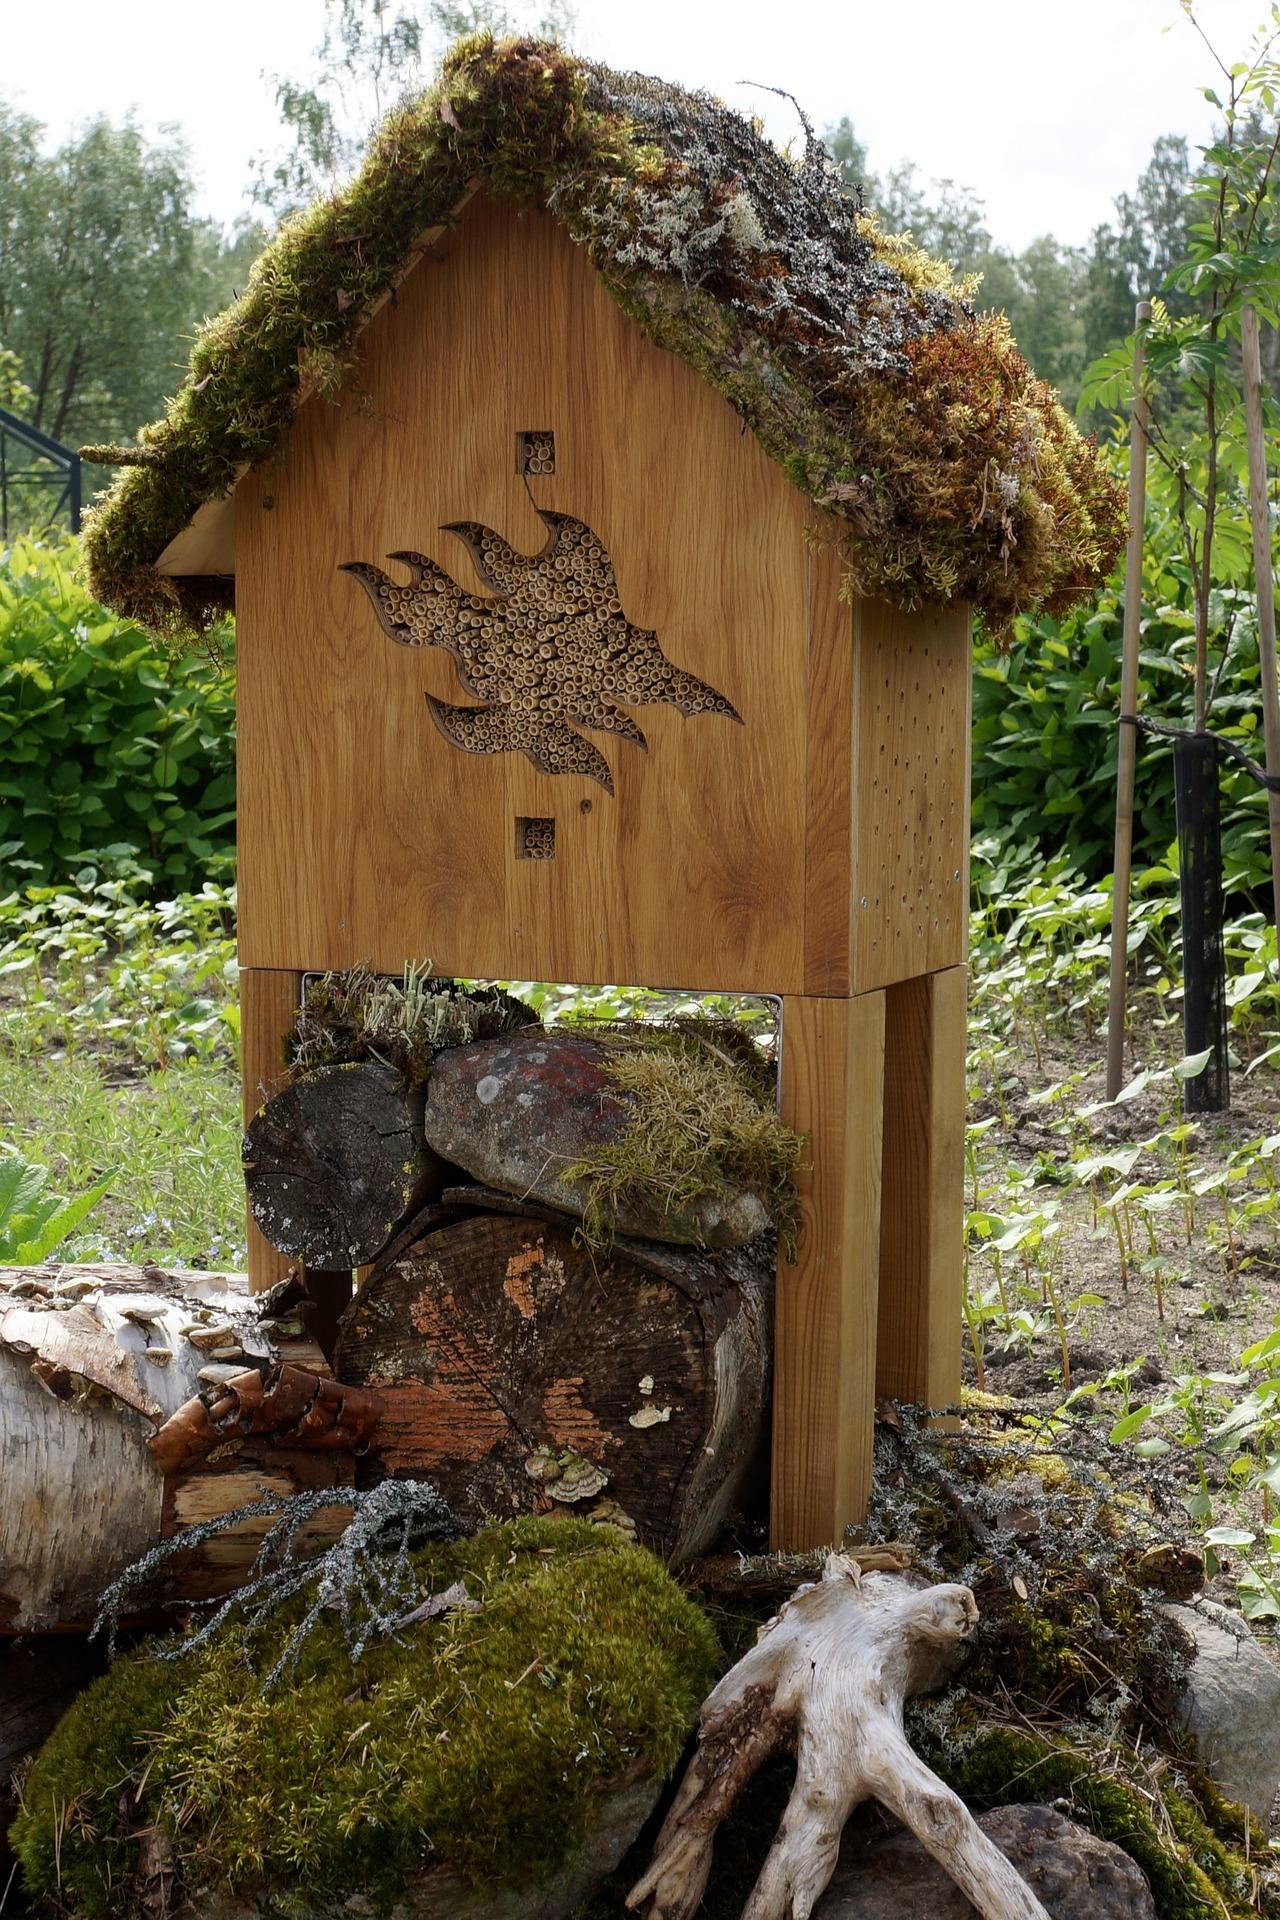 Wilde Bienenvilla für Bienen und andere Insekten